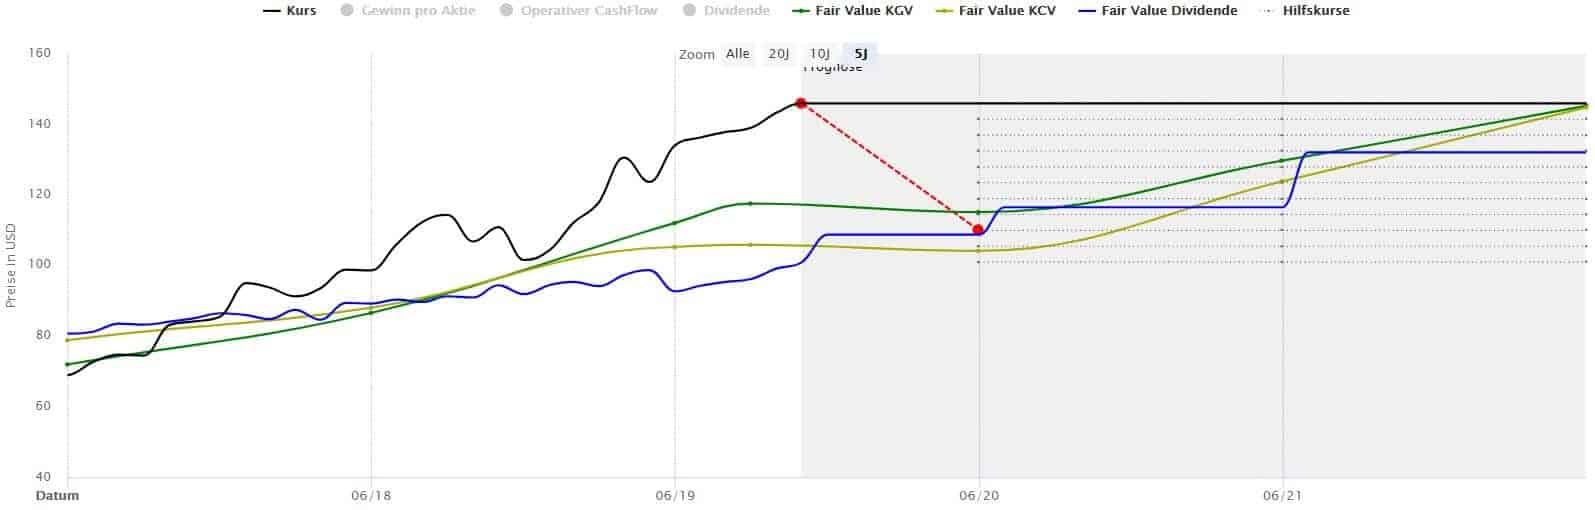 Die Microsoft-Aktie erscheint in der Dynamischen Aktienbewertung derzeit überbewertet